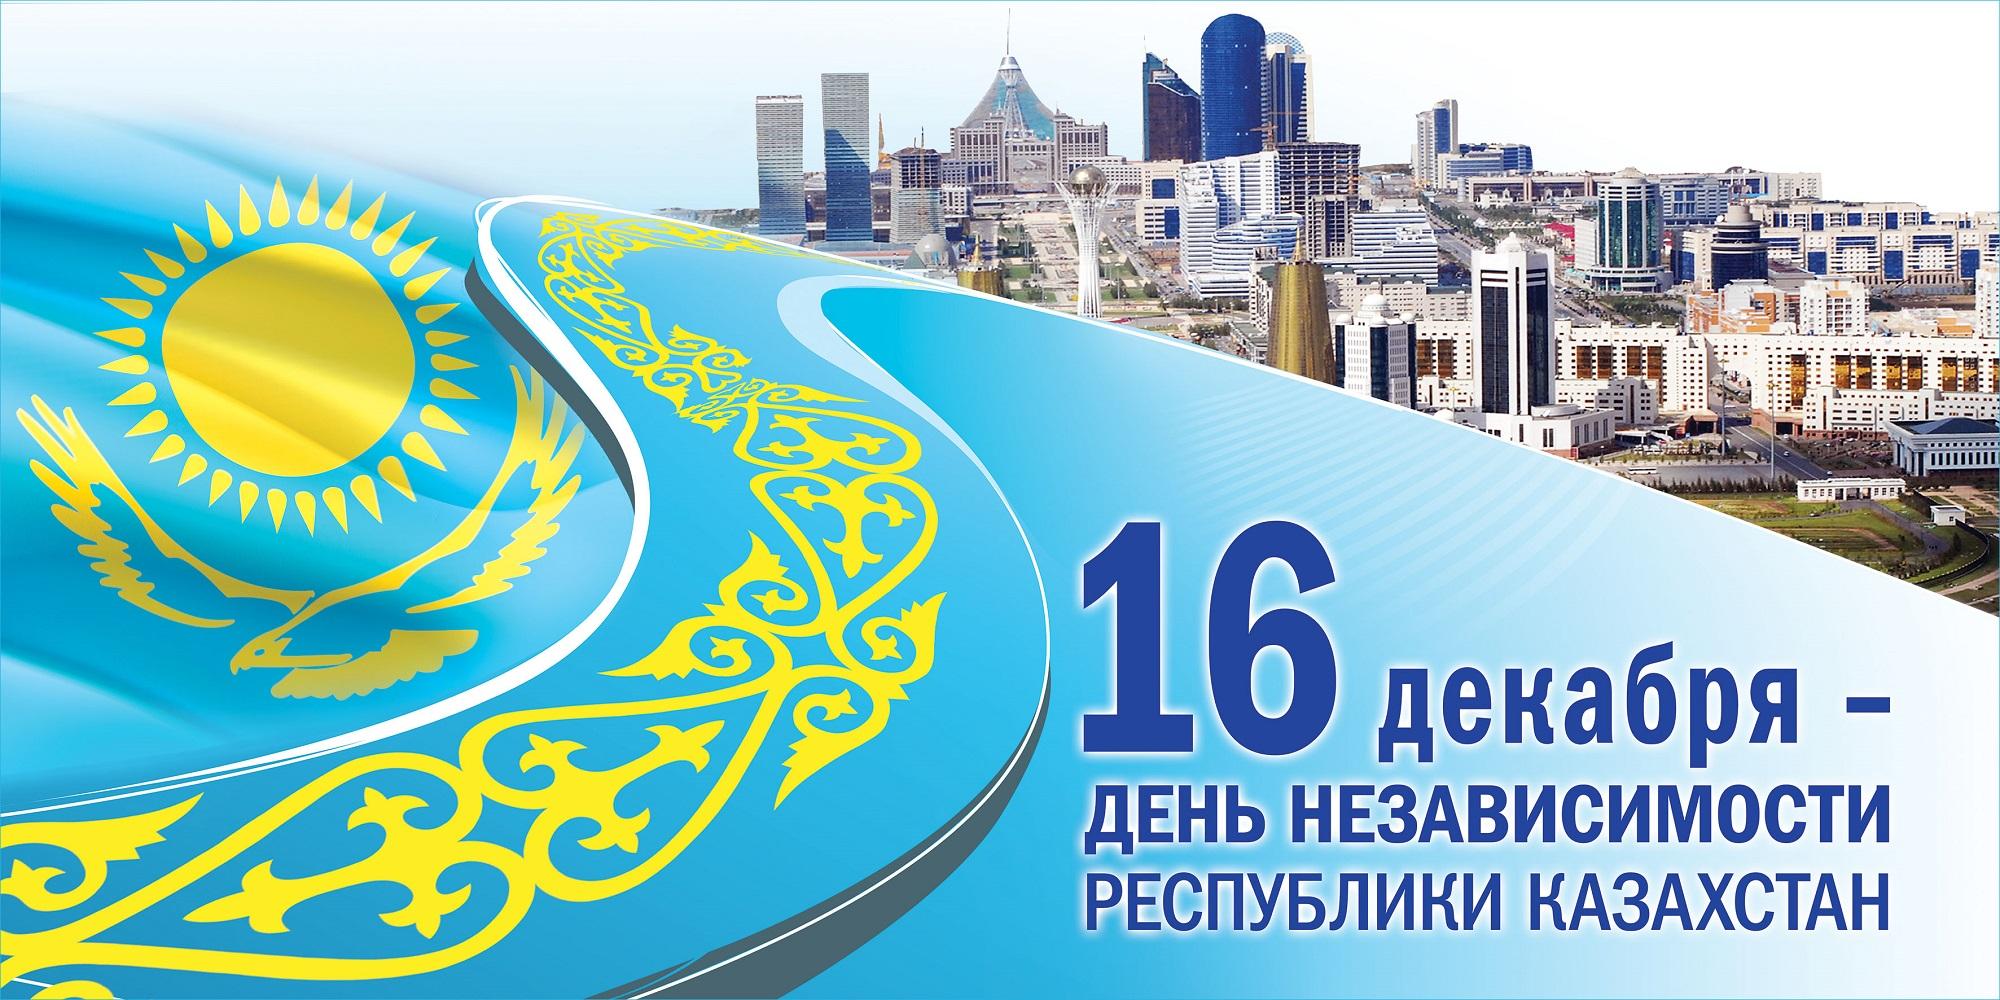 Казахстан независимость в картинках